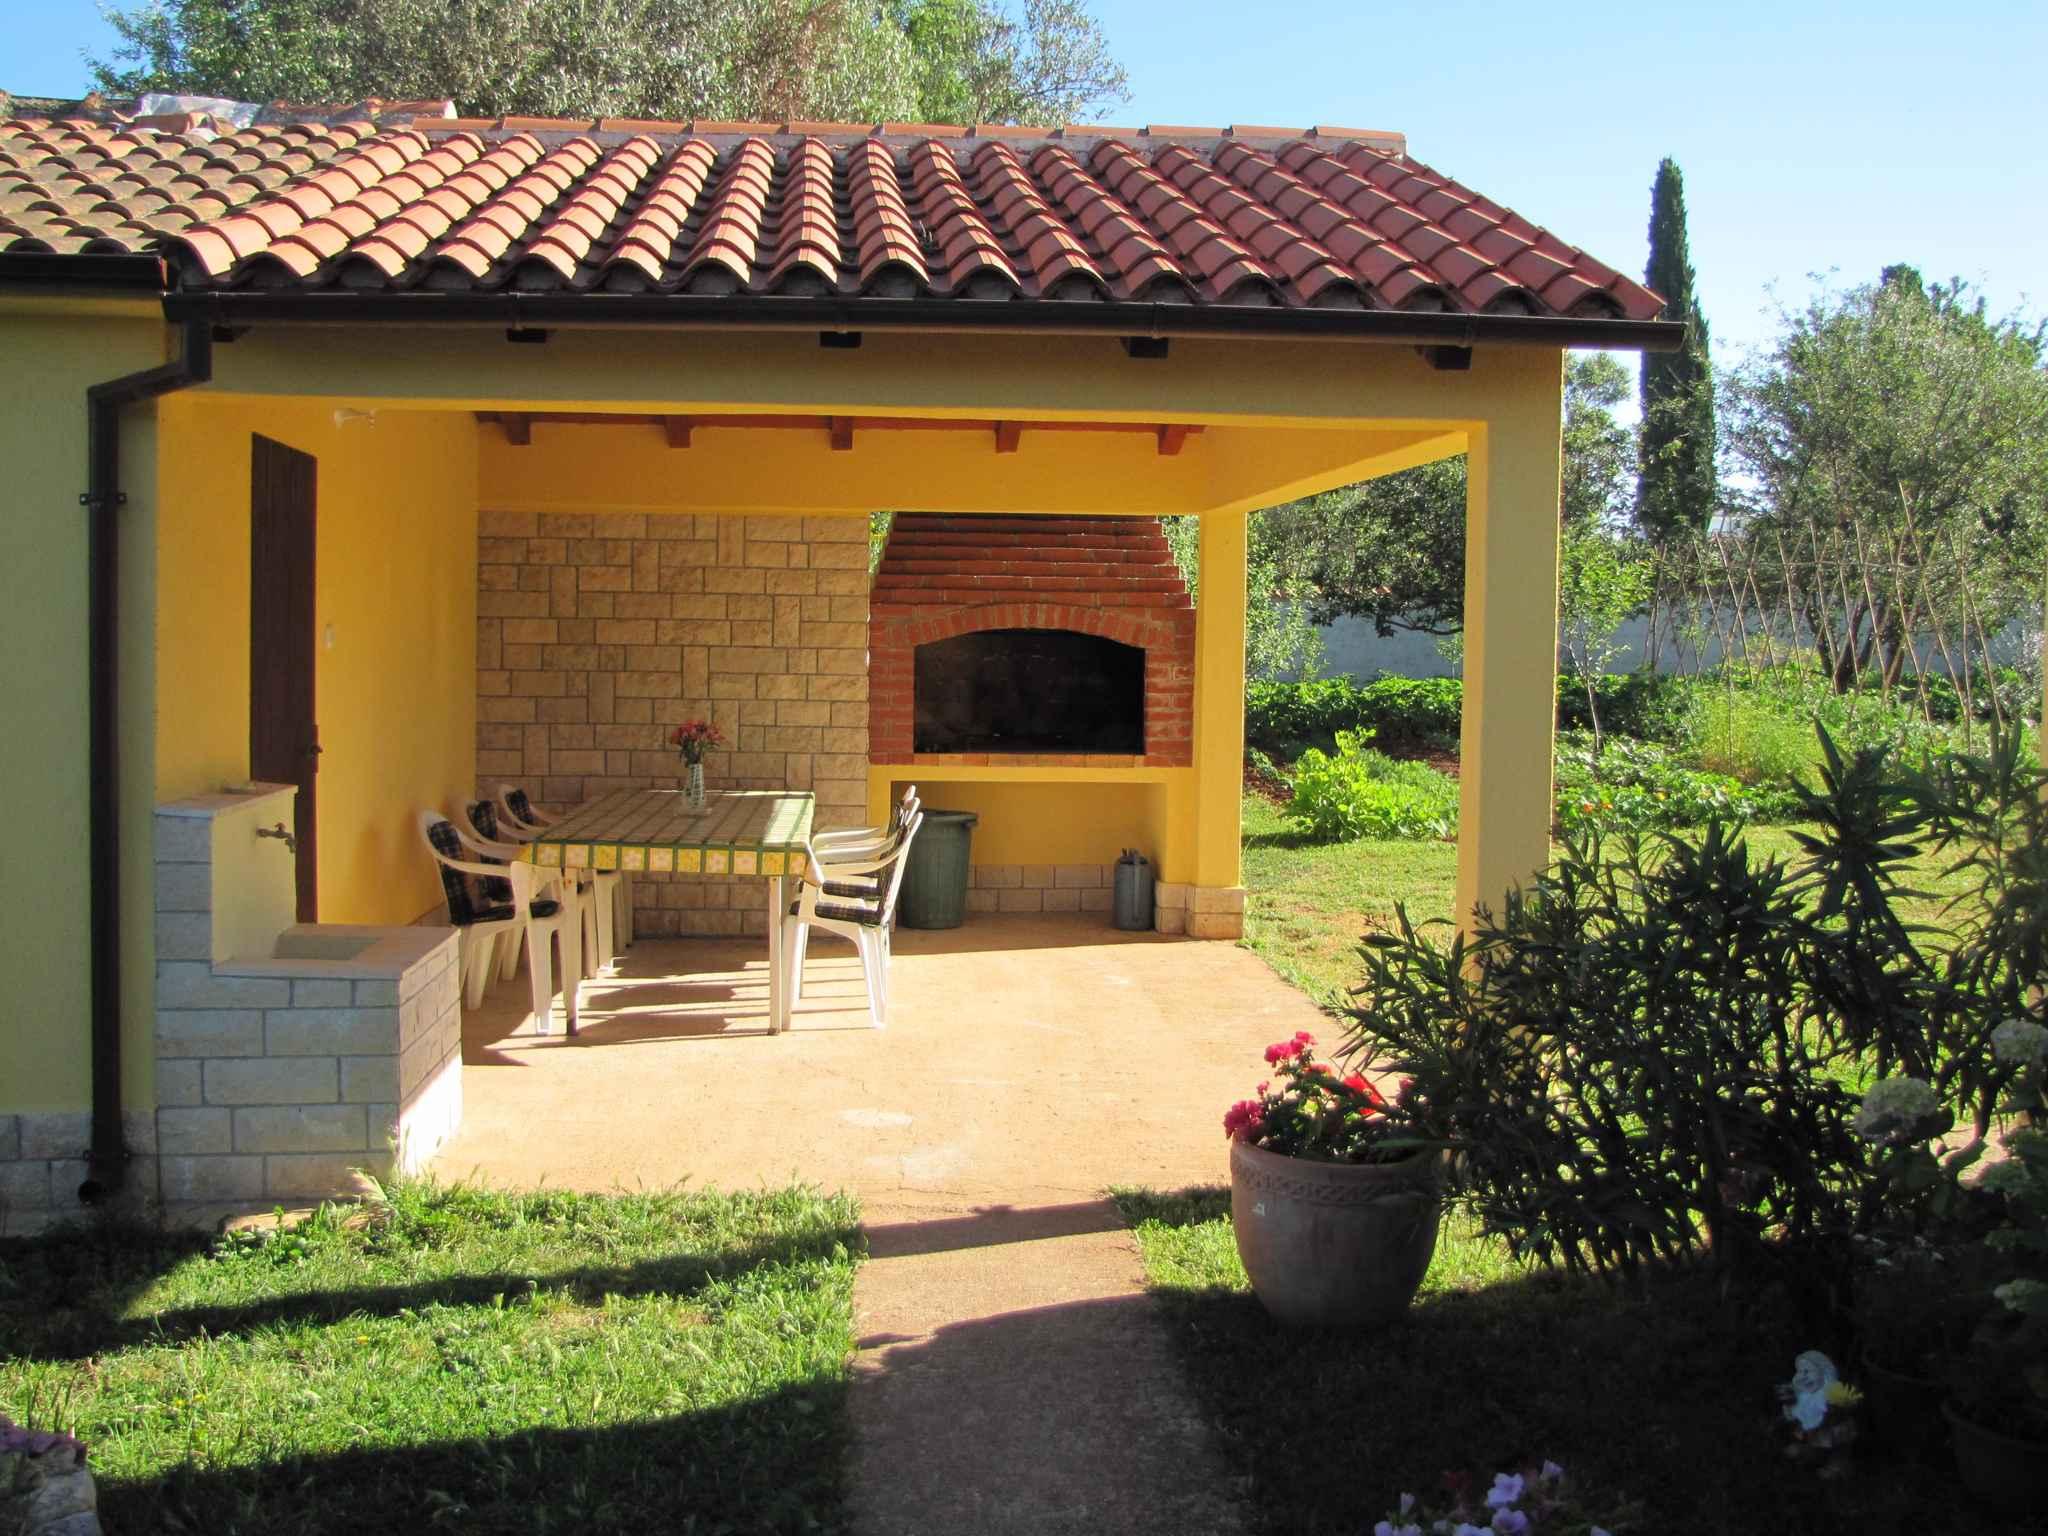 Ferienwohnung mit SAT-TV in ruhiger Lage (280672), Pula, , Istrien, Kroatien, Bild 12